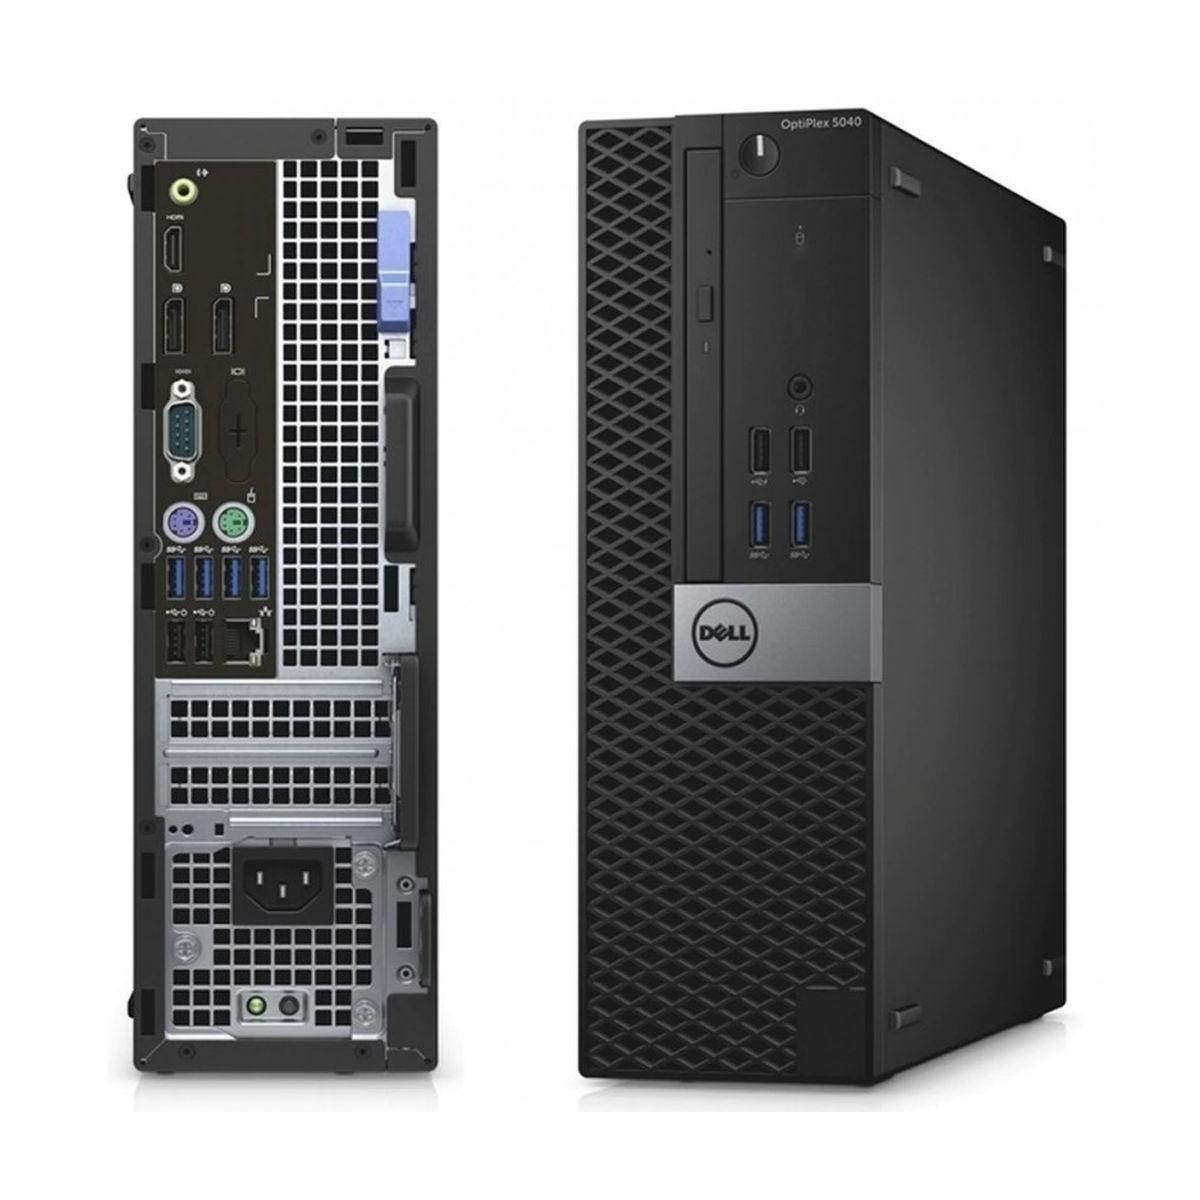 DELL OPTIPLEX 5040 SFF i5-6500 8GB 1TB WIN10 PRO